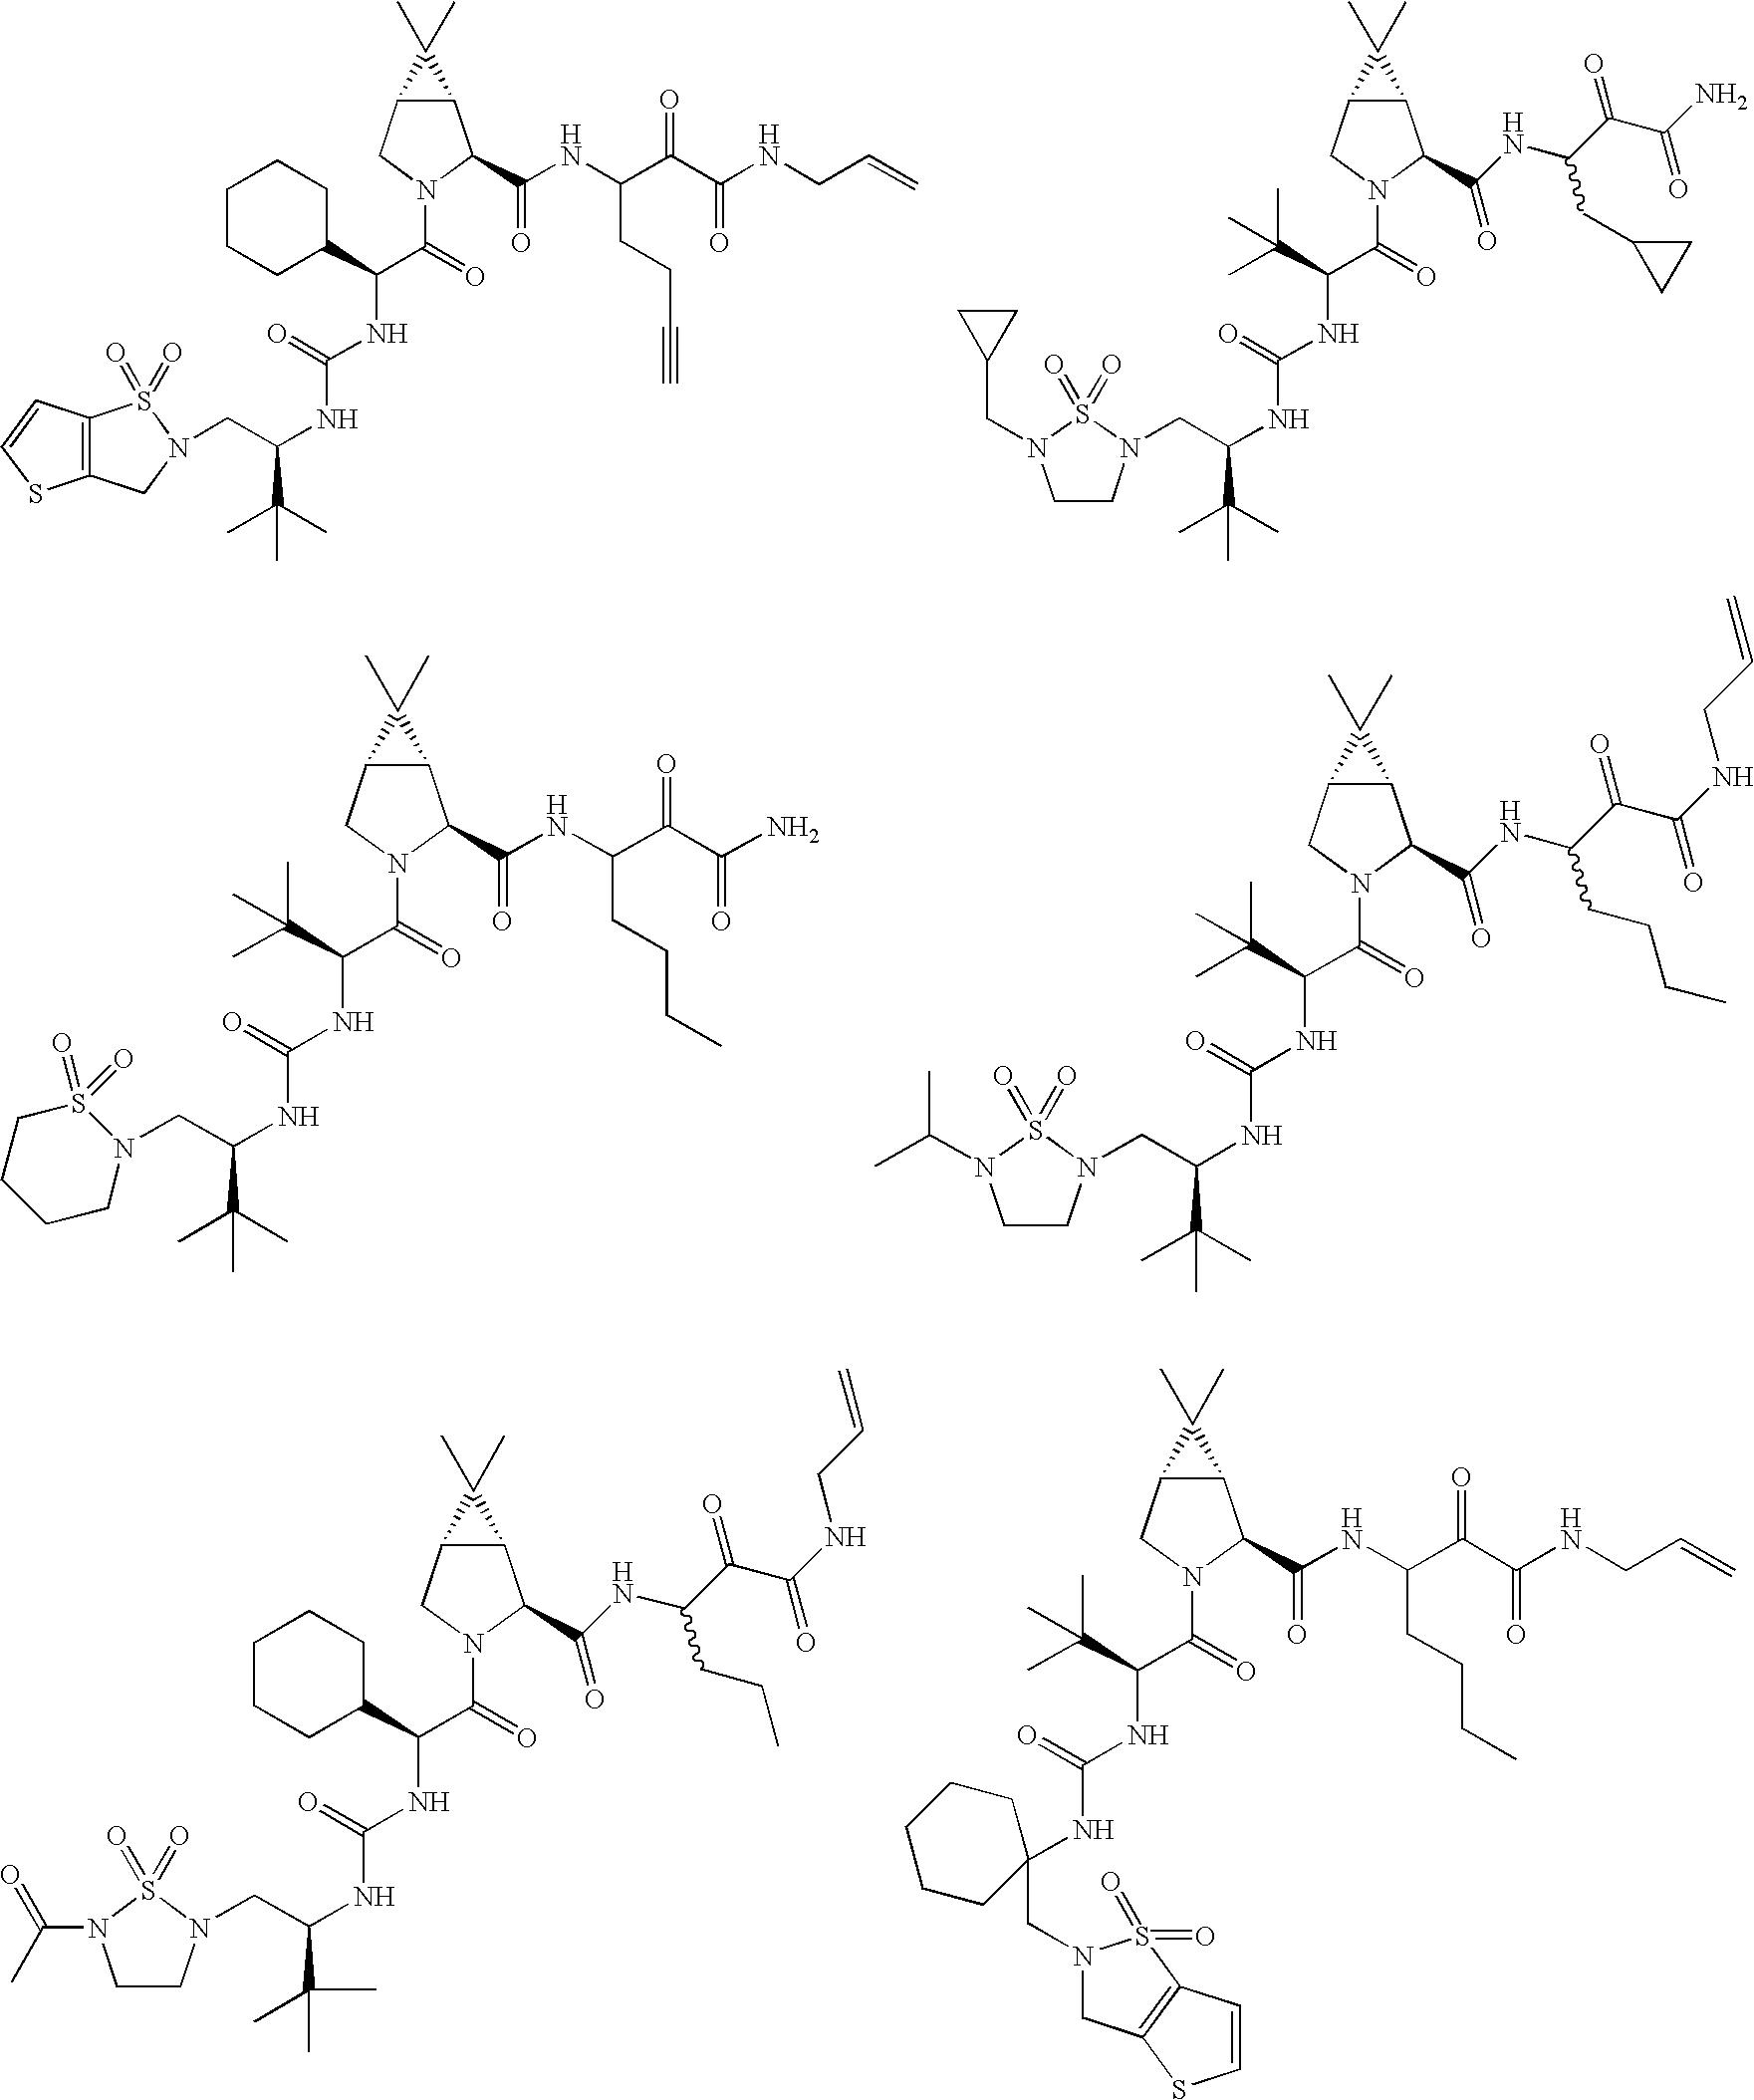 Figure US20060287248A1-20061221-C00396